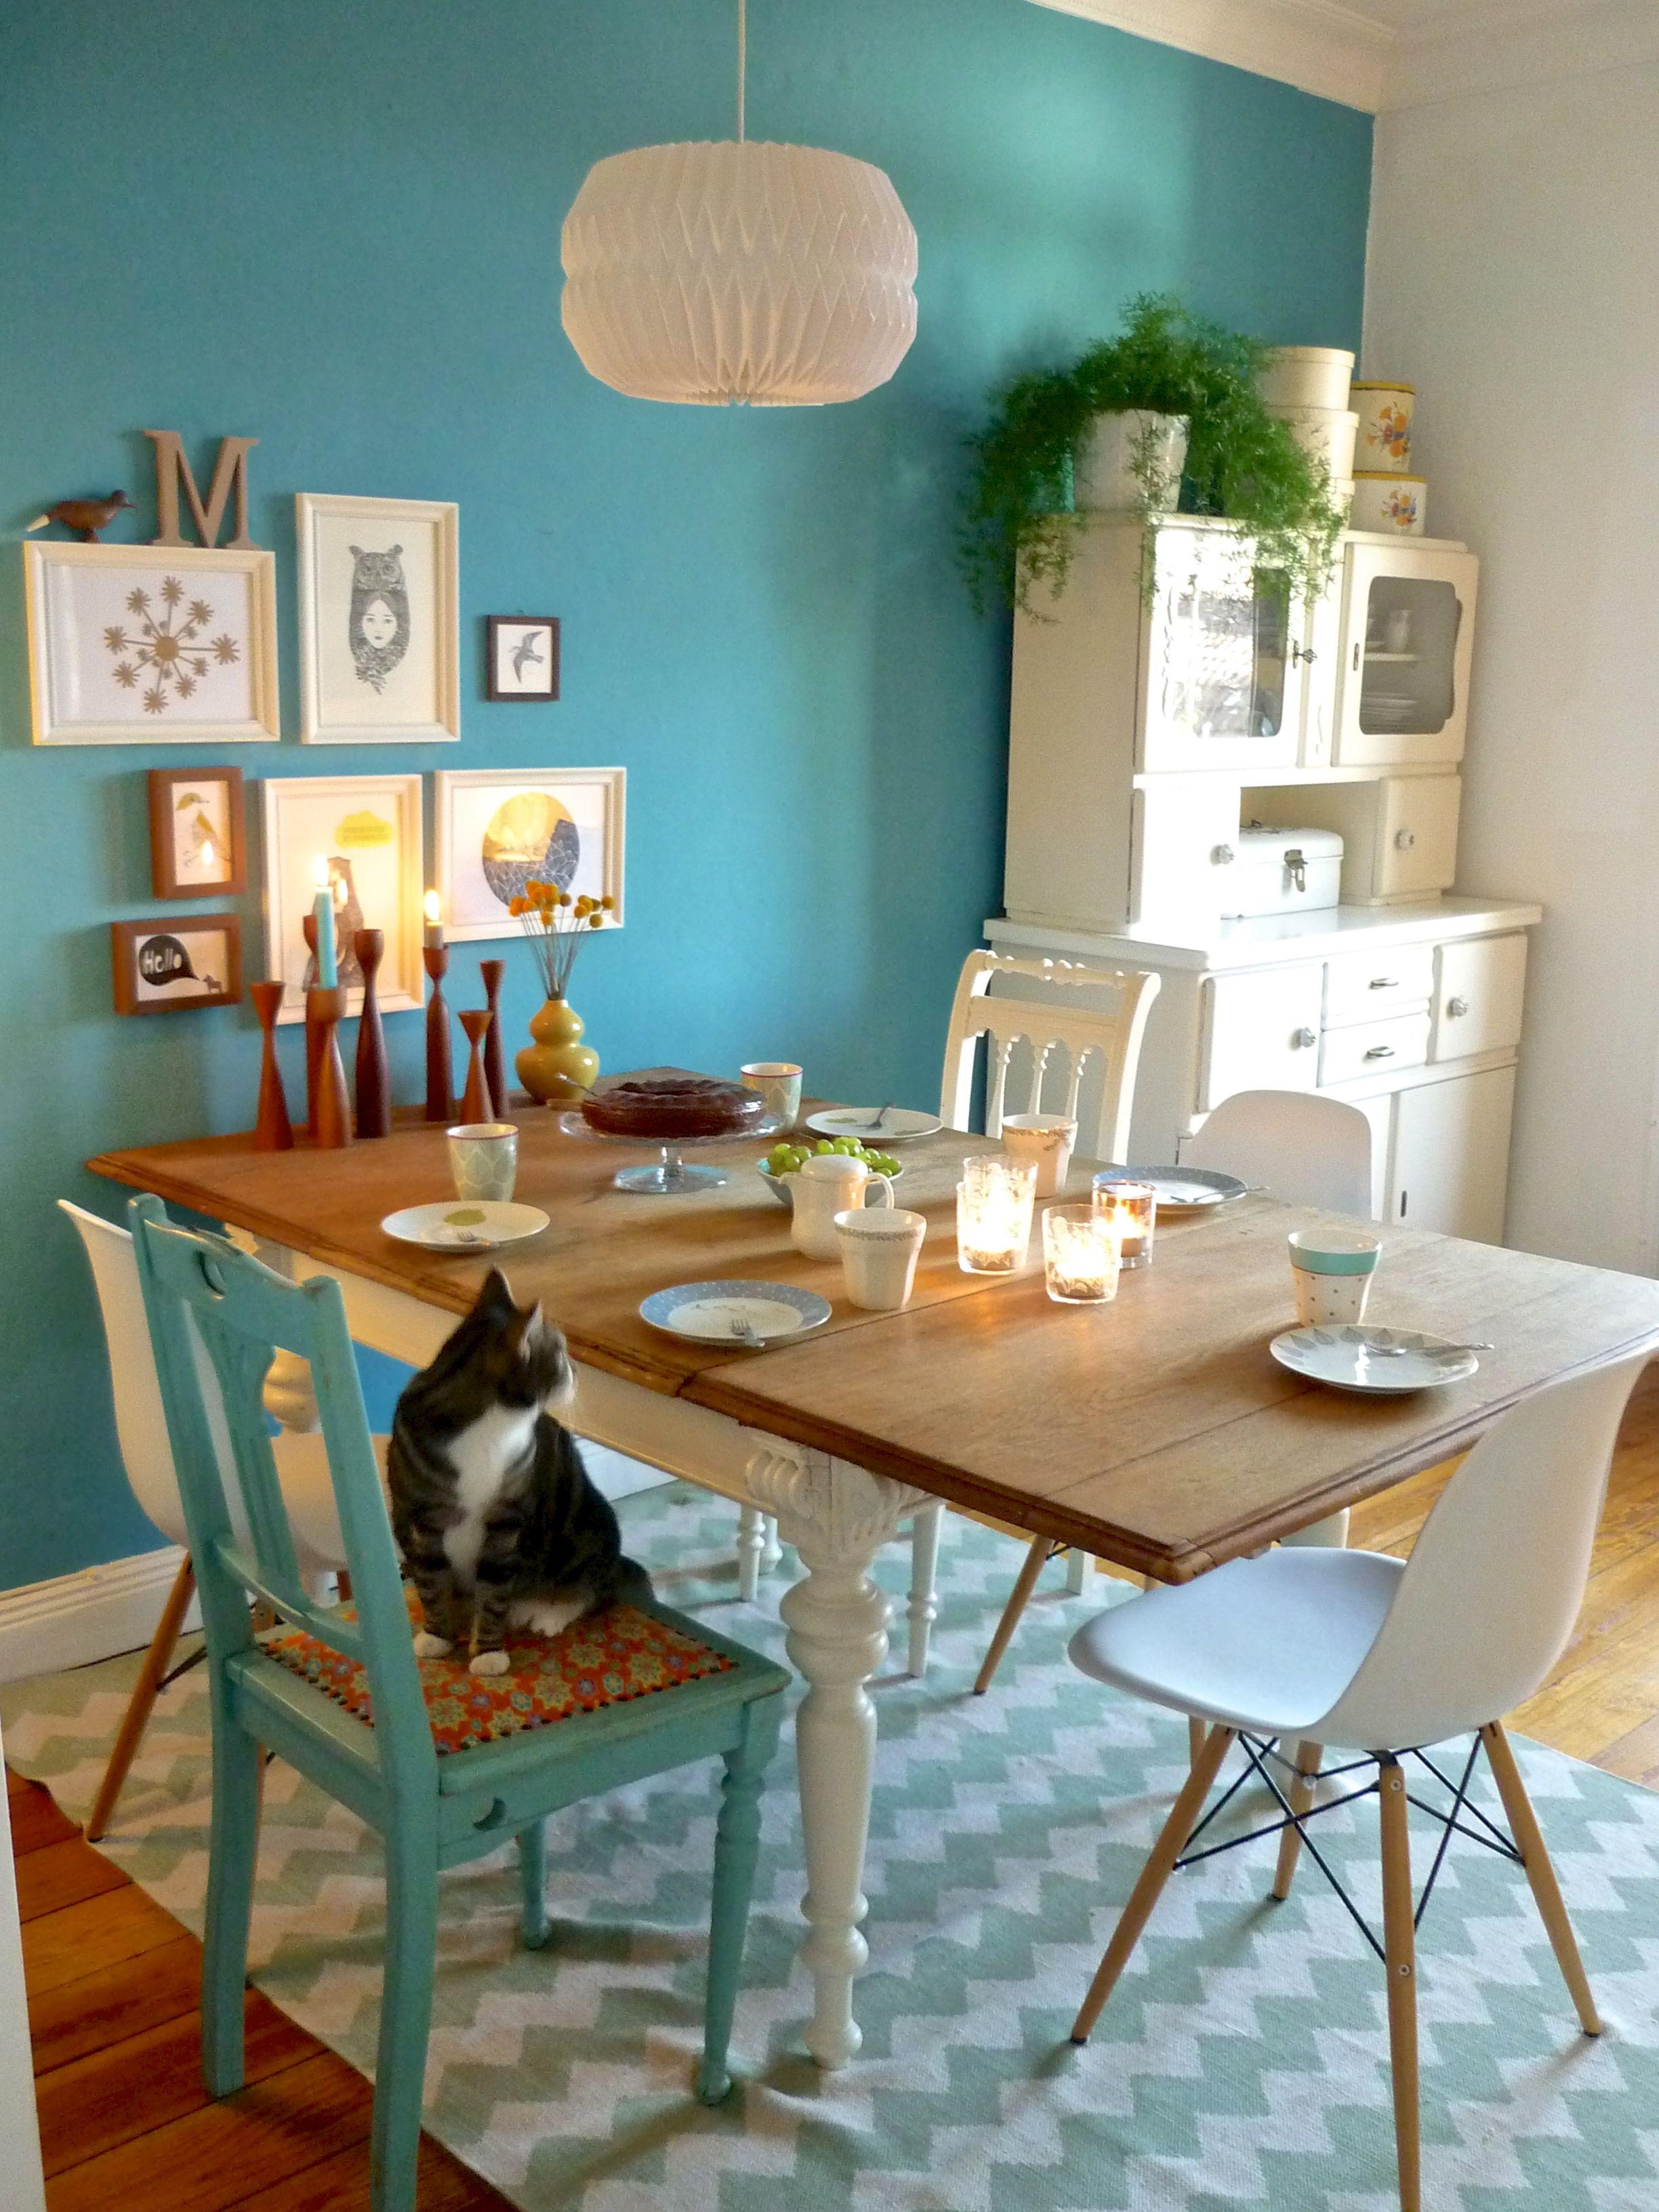 warten auf unsere g ste relaxed wohnung pinterest wohnen esszimmer und haus. Black Bedroom Furniture Sets. Home Design Ideas